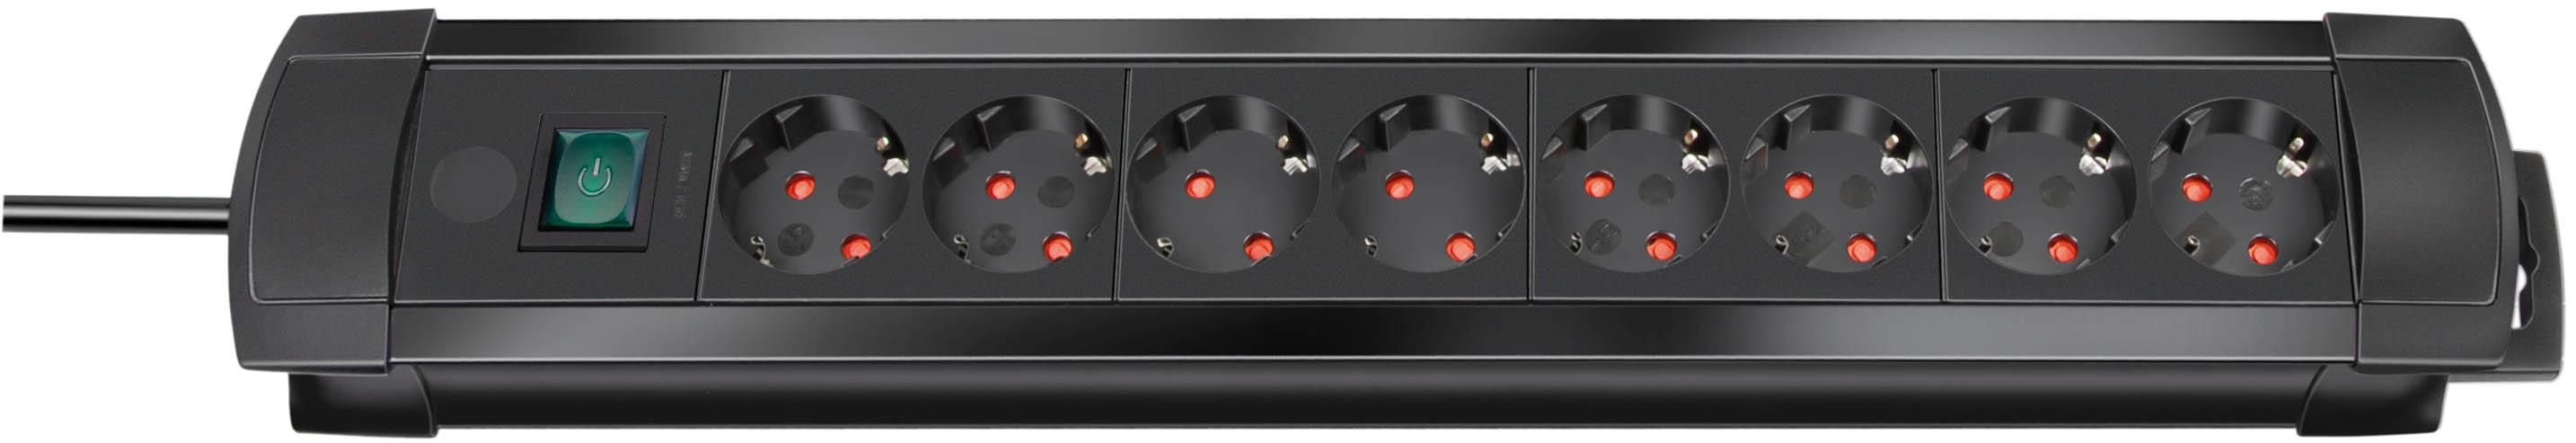 Brennenstuhl Premium-Line 8-fach schwarz/schwarz mit Schalter, 3m H05VV-F3G1,5